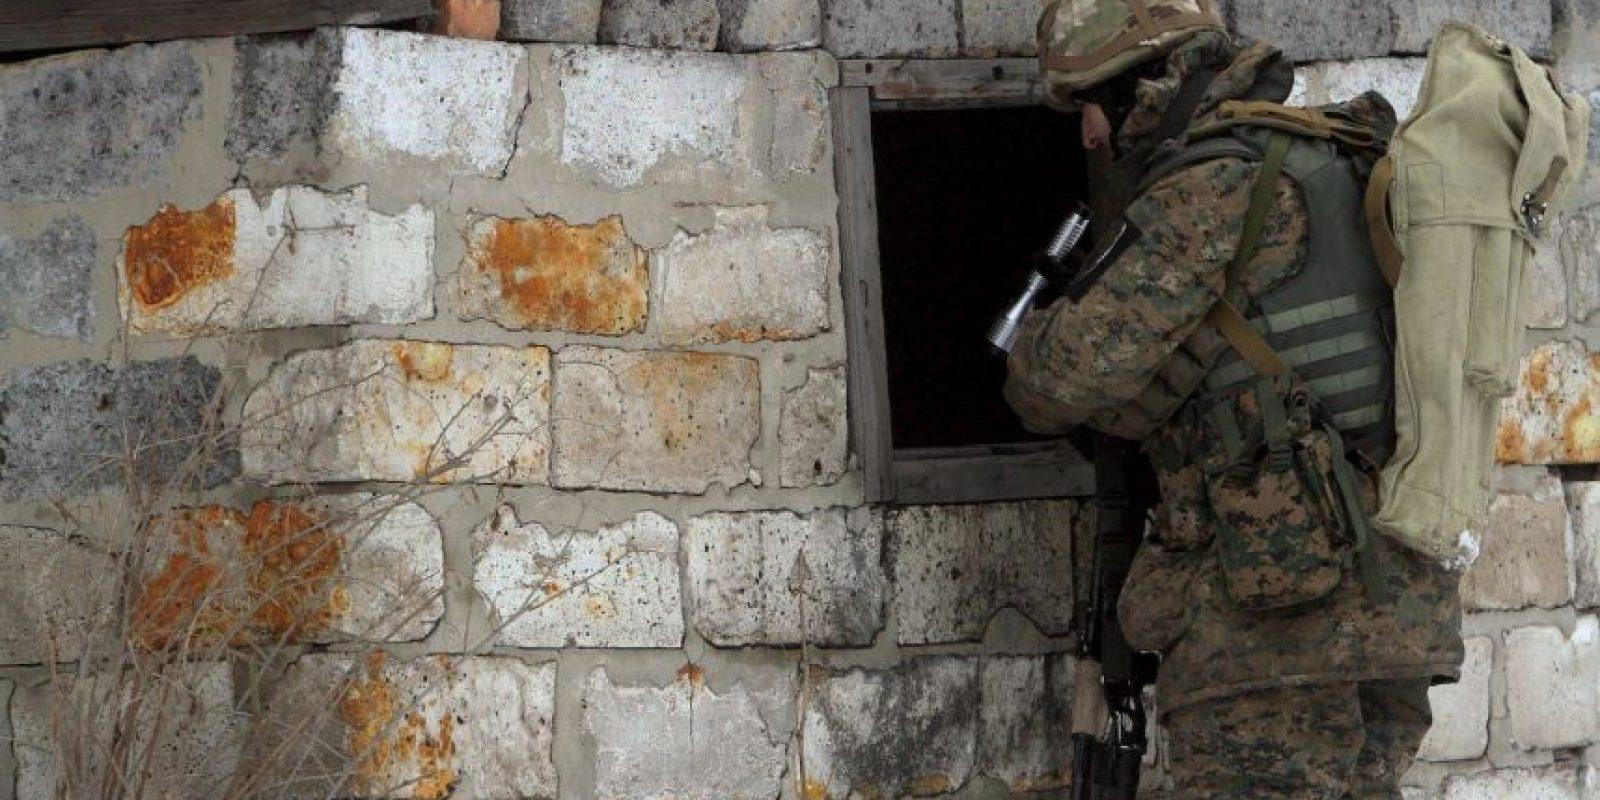 Según el diario español El País, los europeos han denunciado el apoyo de los rusos a los separatistas. Foto:AFP